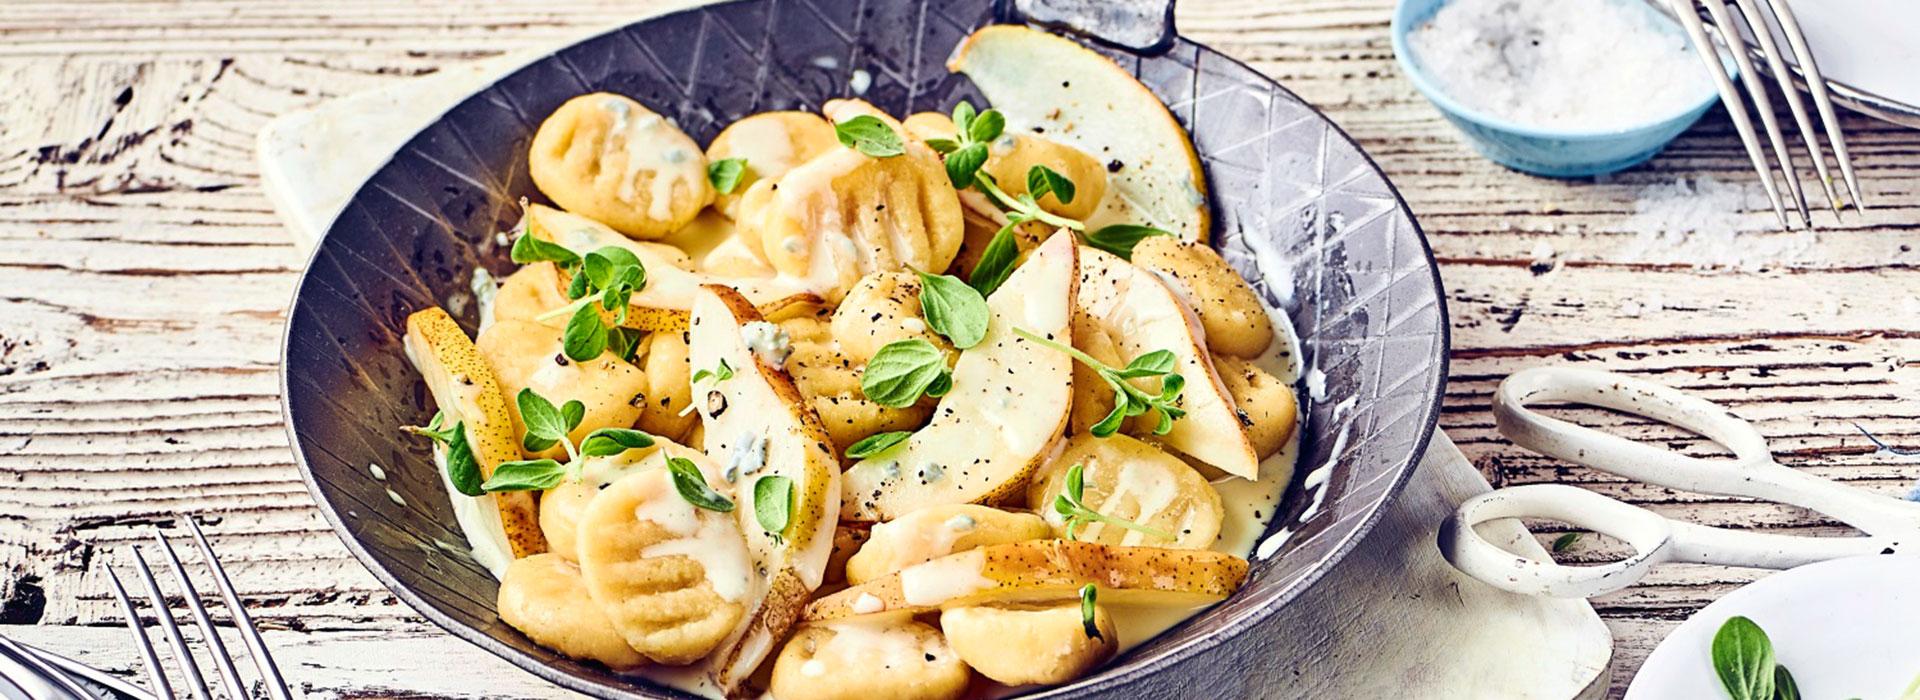 Koelln Savoury Gnocchi with Gorgonzola Pear Sauce